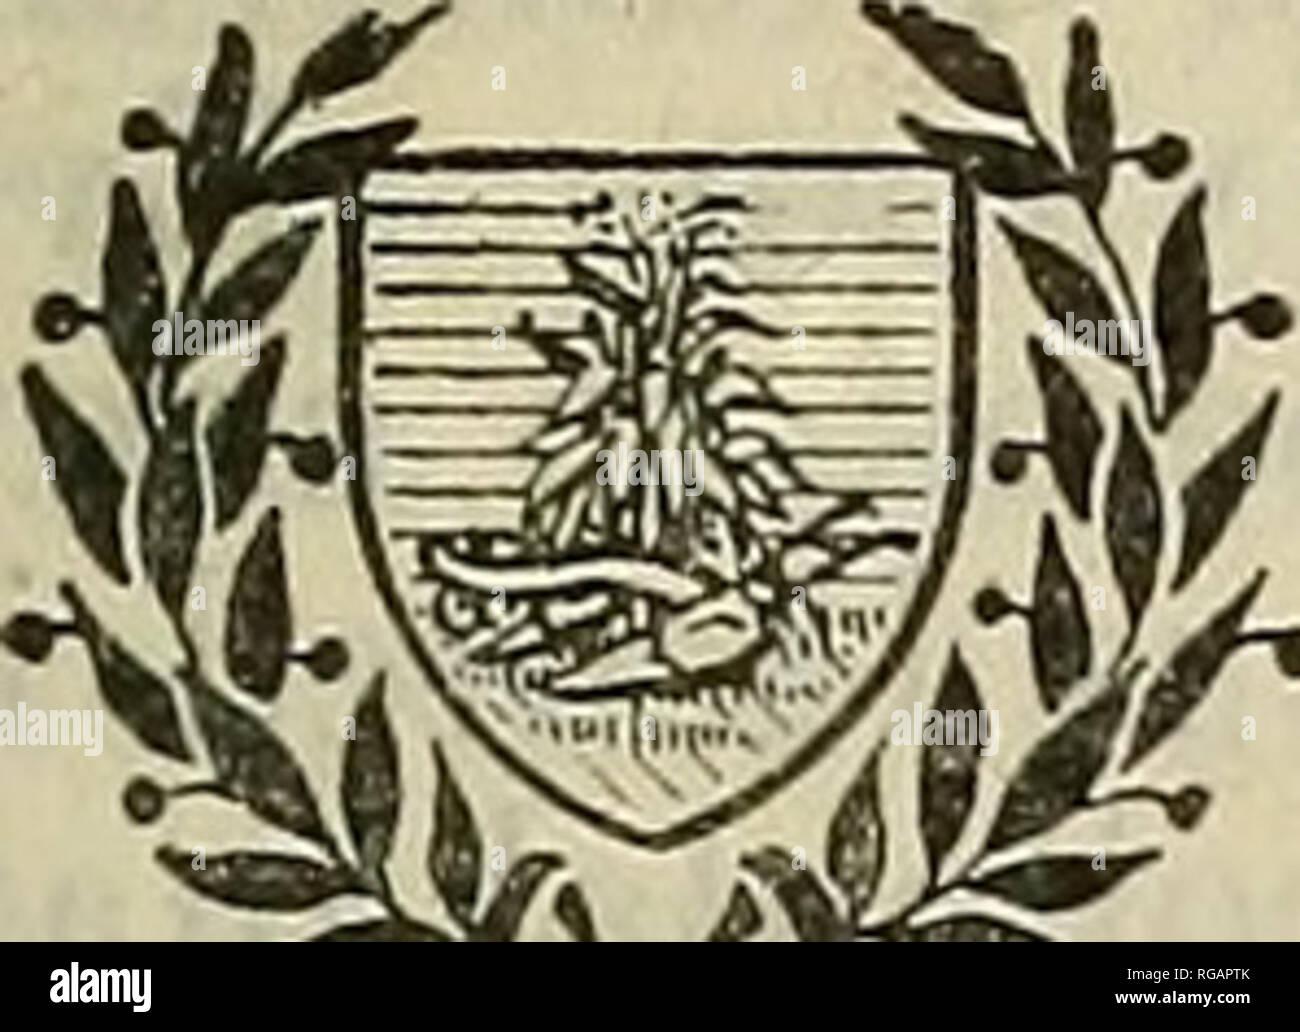 . Boletín del Departamento de Agricultura de Estados Unidos. La agricultura; la agricultura. Departamento de Agricultura de los Estados Unidos. ,F BOLETÍN nº 1122 del 1 de Washington, D. C. El papel profesional Octubre 21, 1922 POR ABSORCIÓN Y COLOIDAL NONCOLLOIDAL CONSTITUYENTES DEL SUELO. Bj^ M. S. Anderson, un científico de suelo en las investigaciones de laboratorio, W. H. Fry, un científico de suelo en el Laboratorio, P. L. había engaño, Asistente a cargo de investigaciones químicas del suelo, H. E. Middleton, Científico de Investigaciones Físicas en el suelo, y W. O. Robinson, un científico de suelo en el Laboratorio, Mesa de suelos. Contenido. Página. Yo Pag Foto de stock